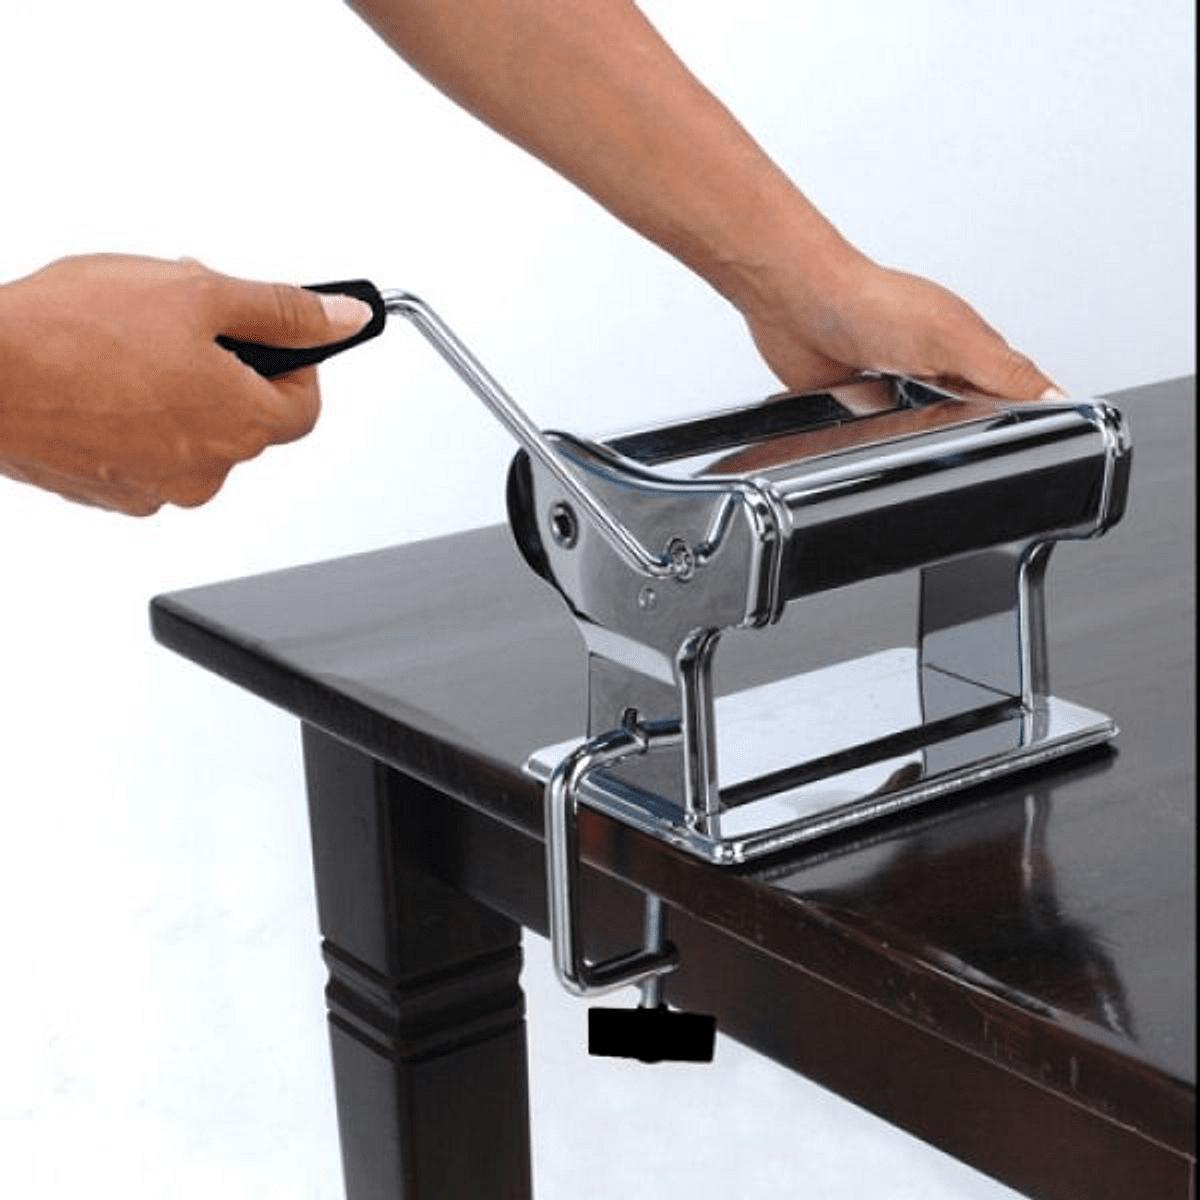 Машинка для изготовления макарон (PASTA MACHINE).Черная Пятница!